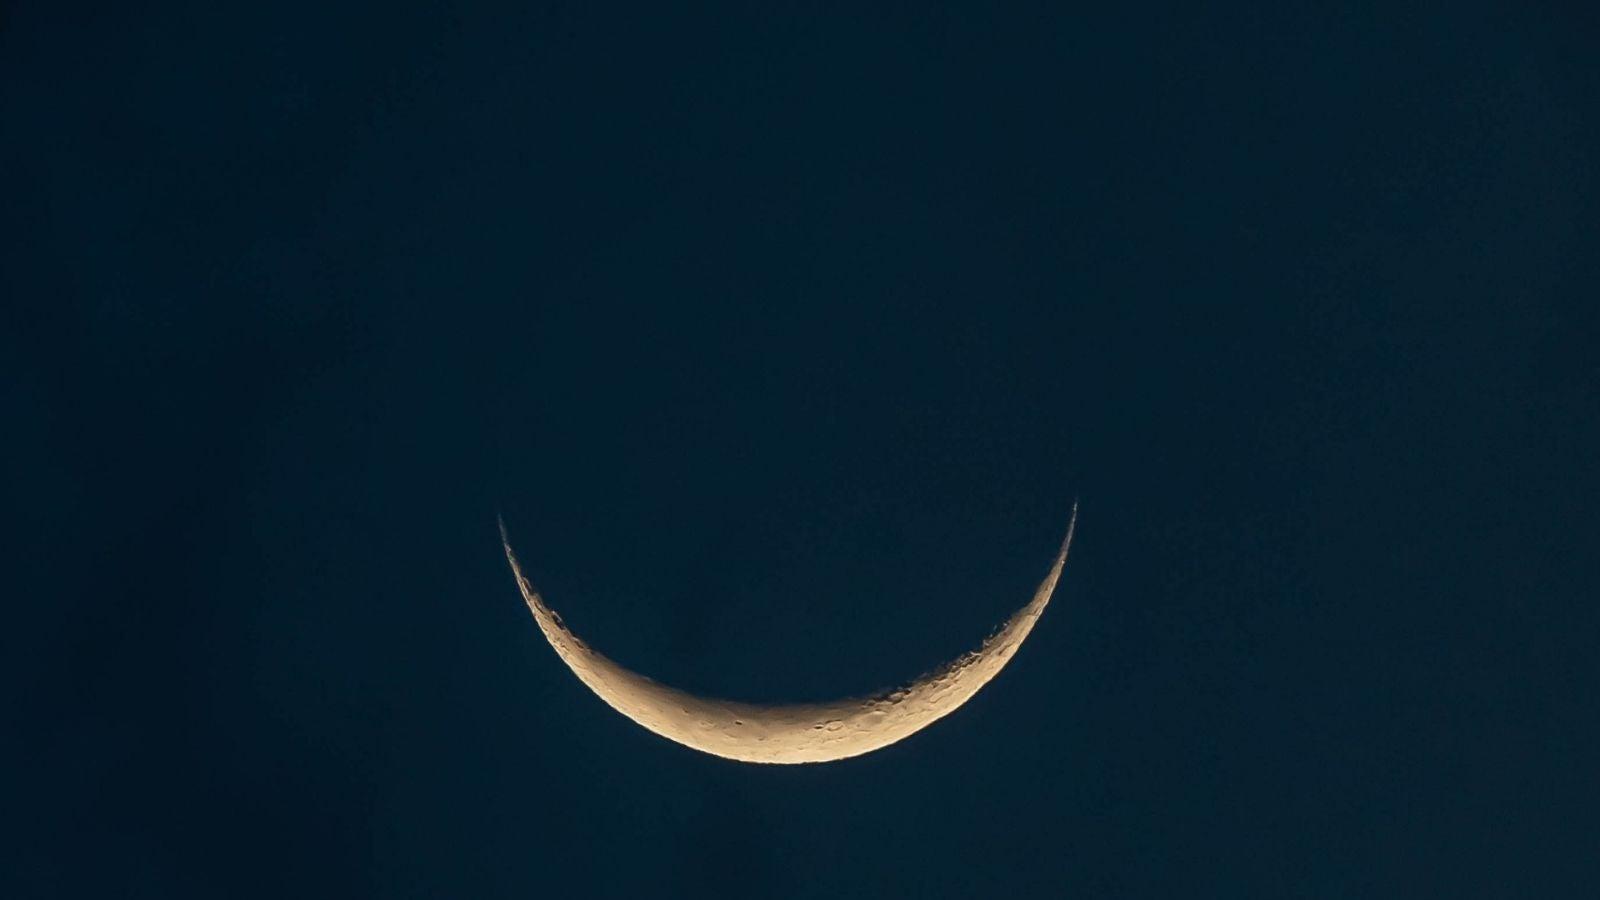 New moon at night